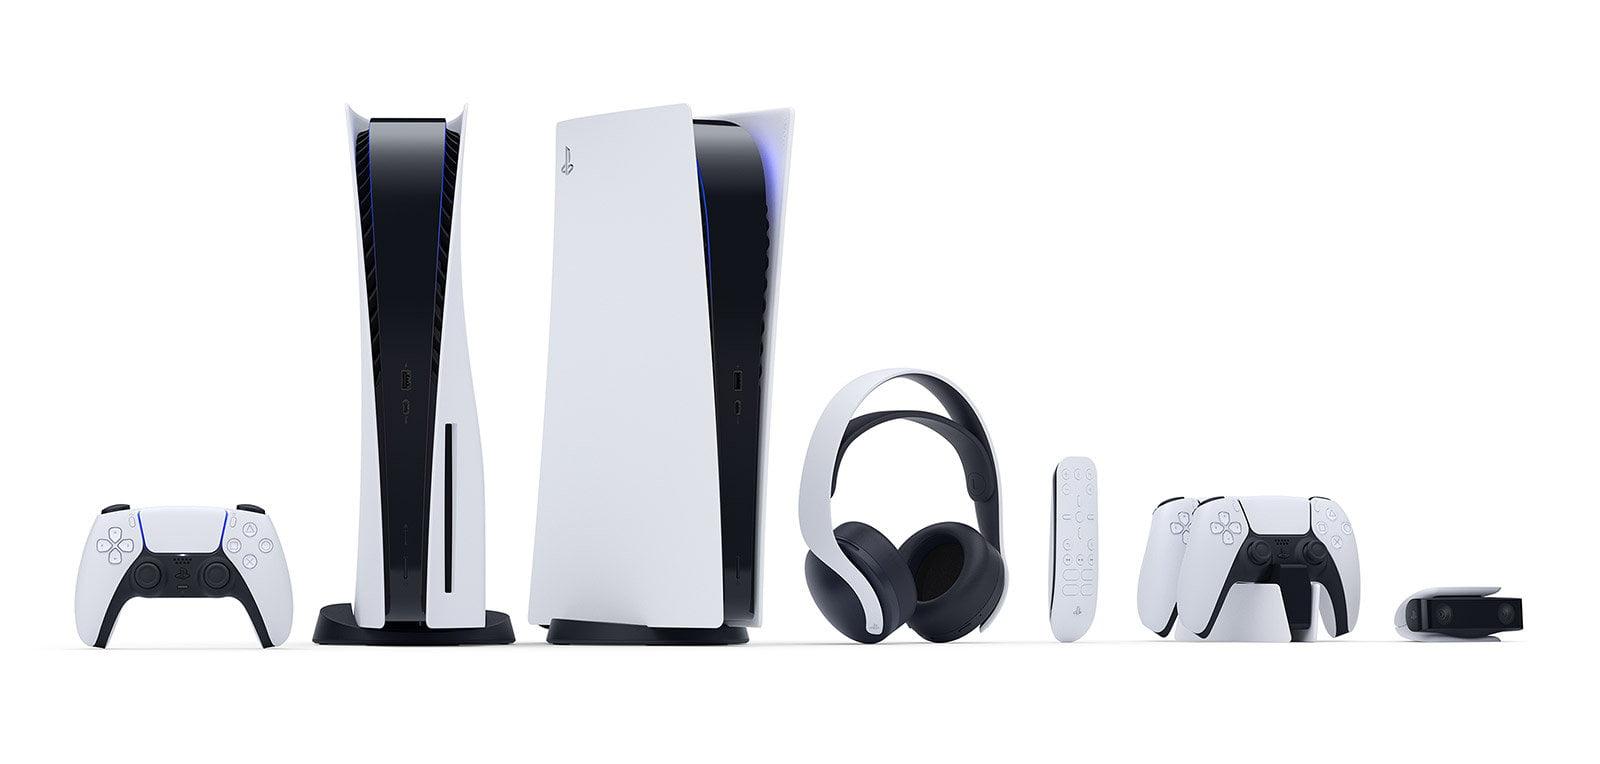 Playstation 5: Ecco Tutte Le Caratteristiche Della Nuova Console Di Sony 2 - Hynerd.it